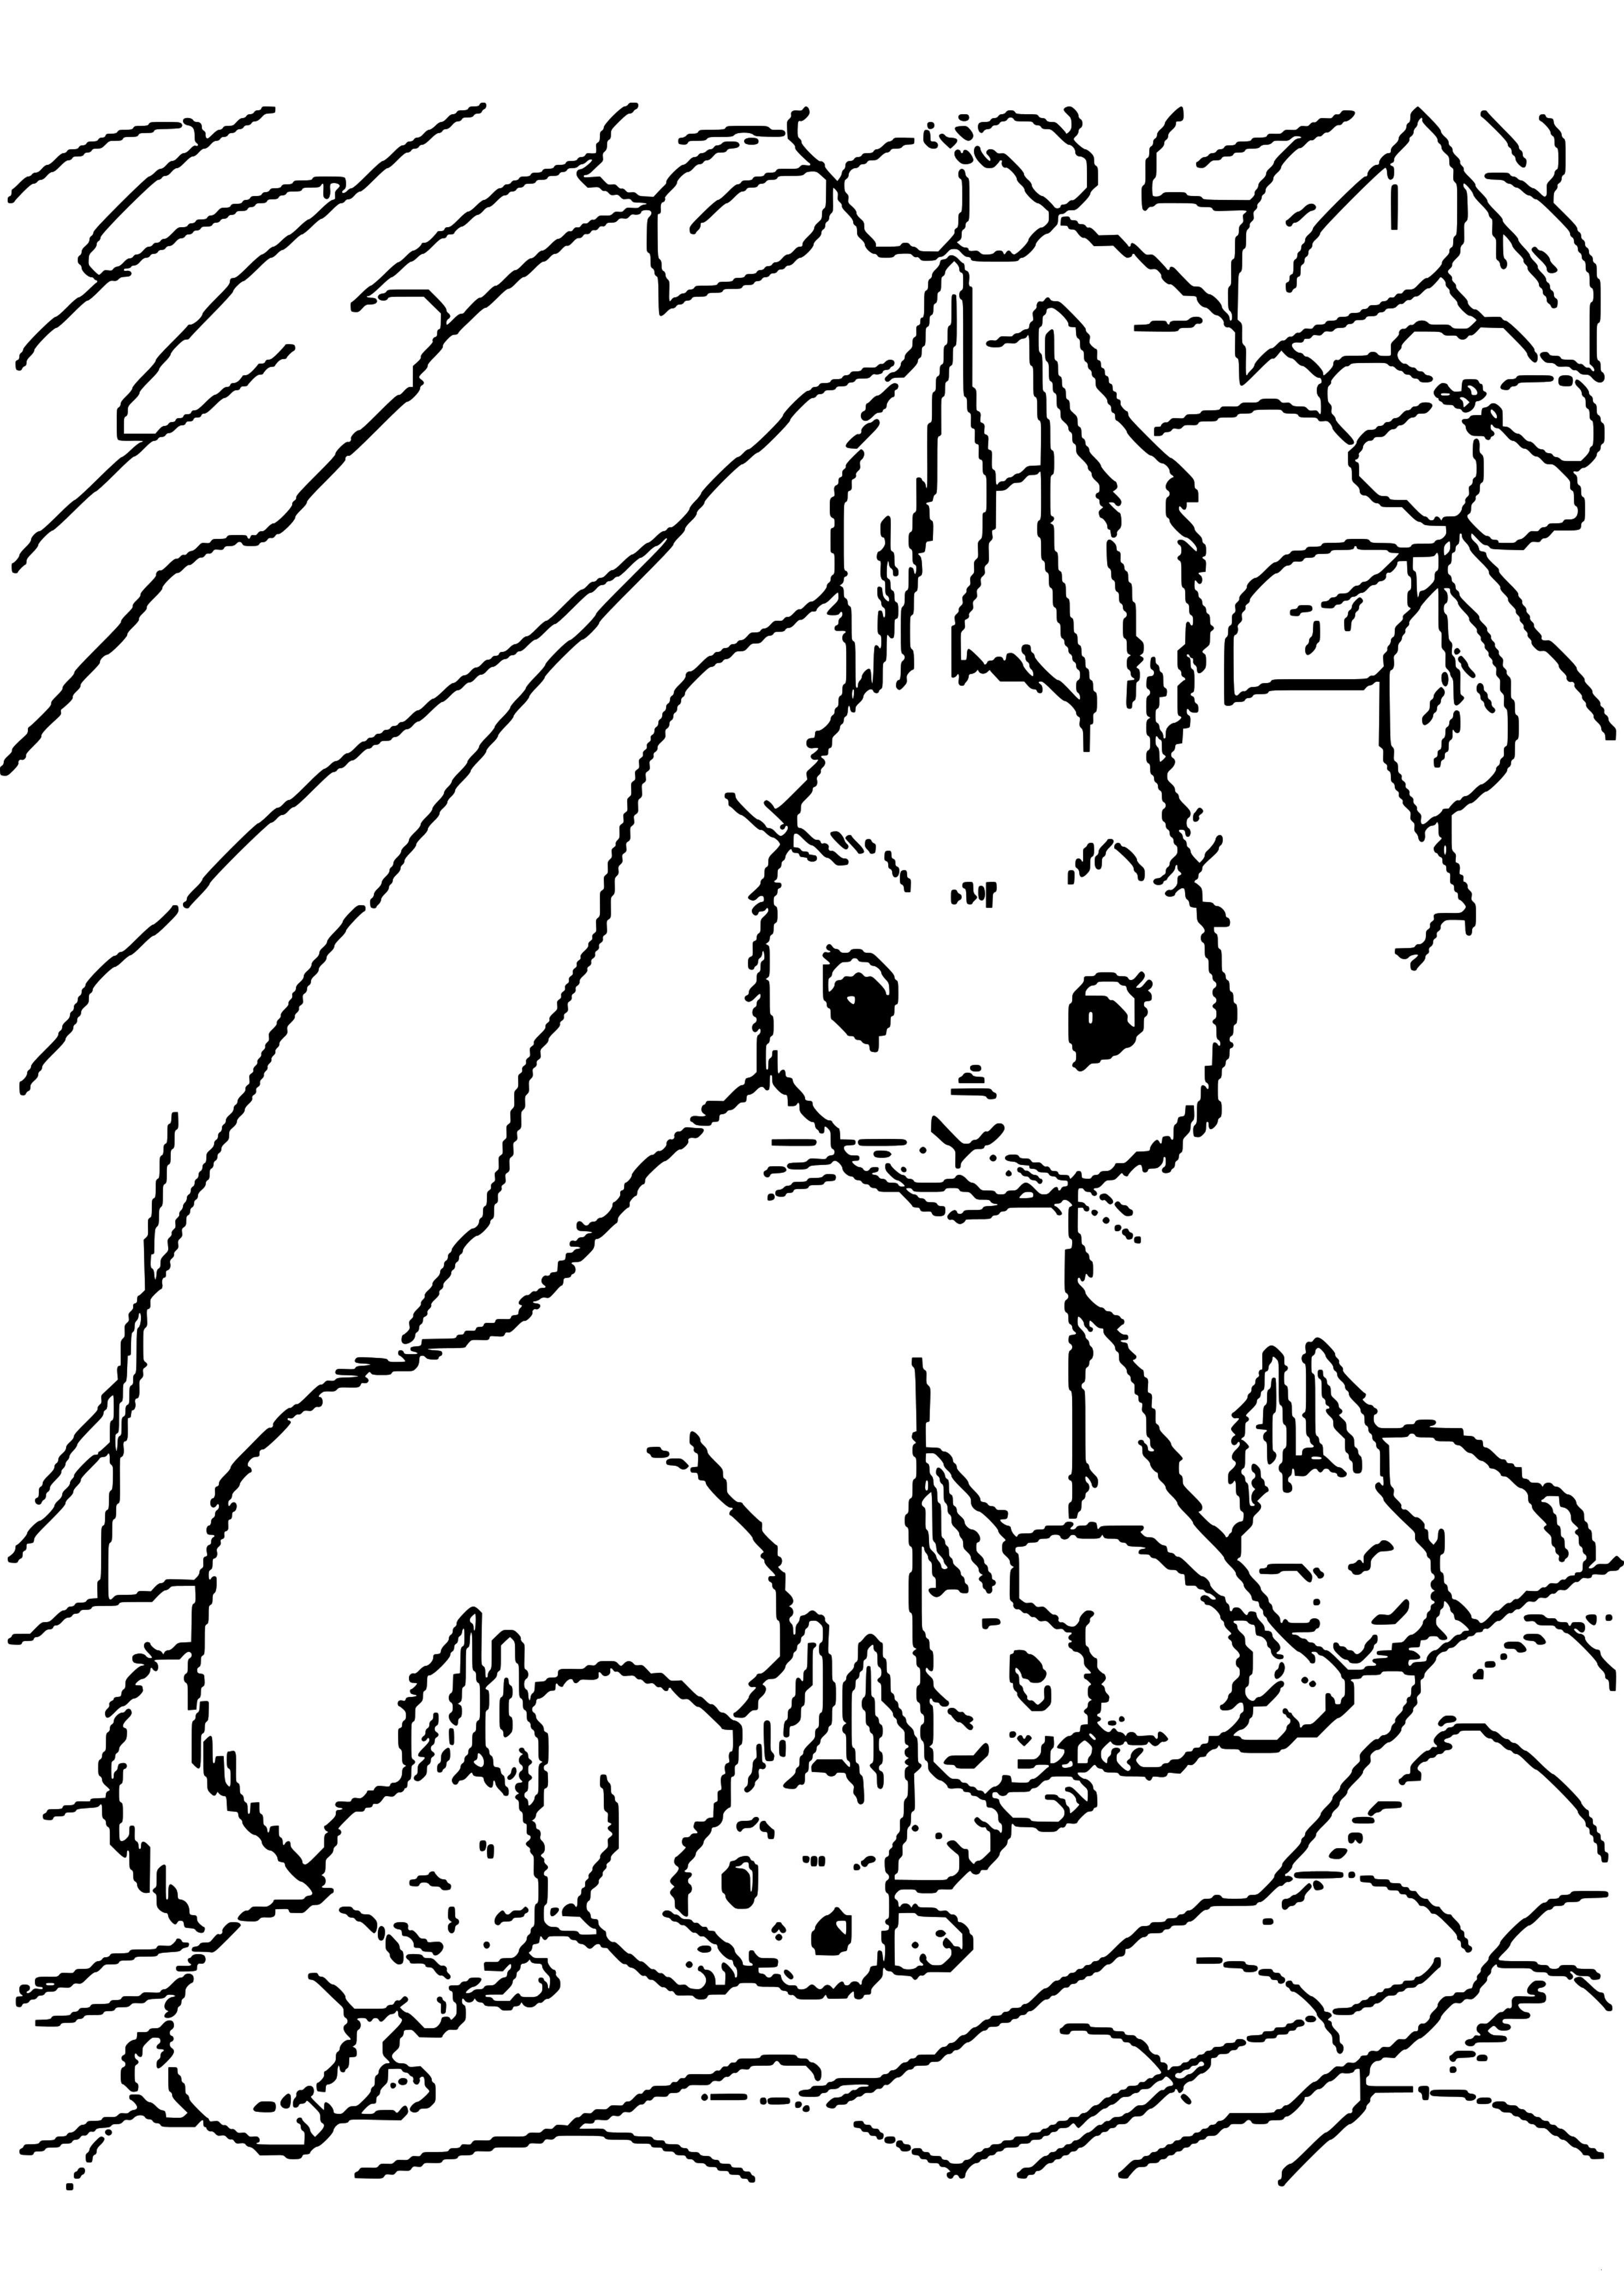 Hasen Bilder Zum Ausdrucken Kostenlos Frisch 35 Elegant Hasen Mandalas Zum Ausdrucken – Malvorlagen Ideen Bild